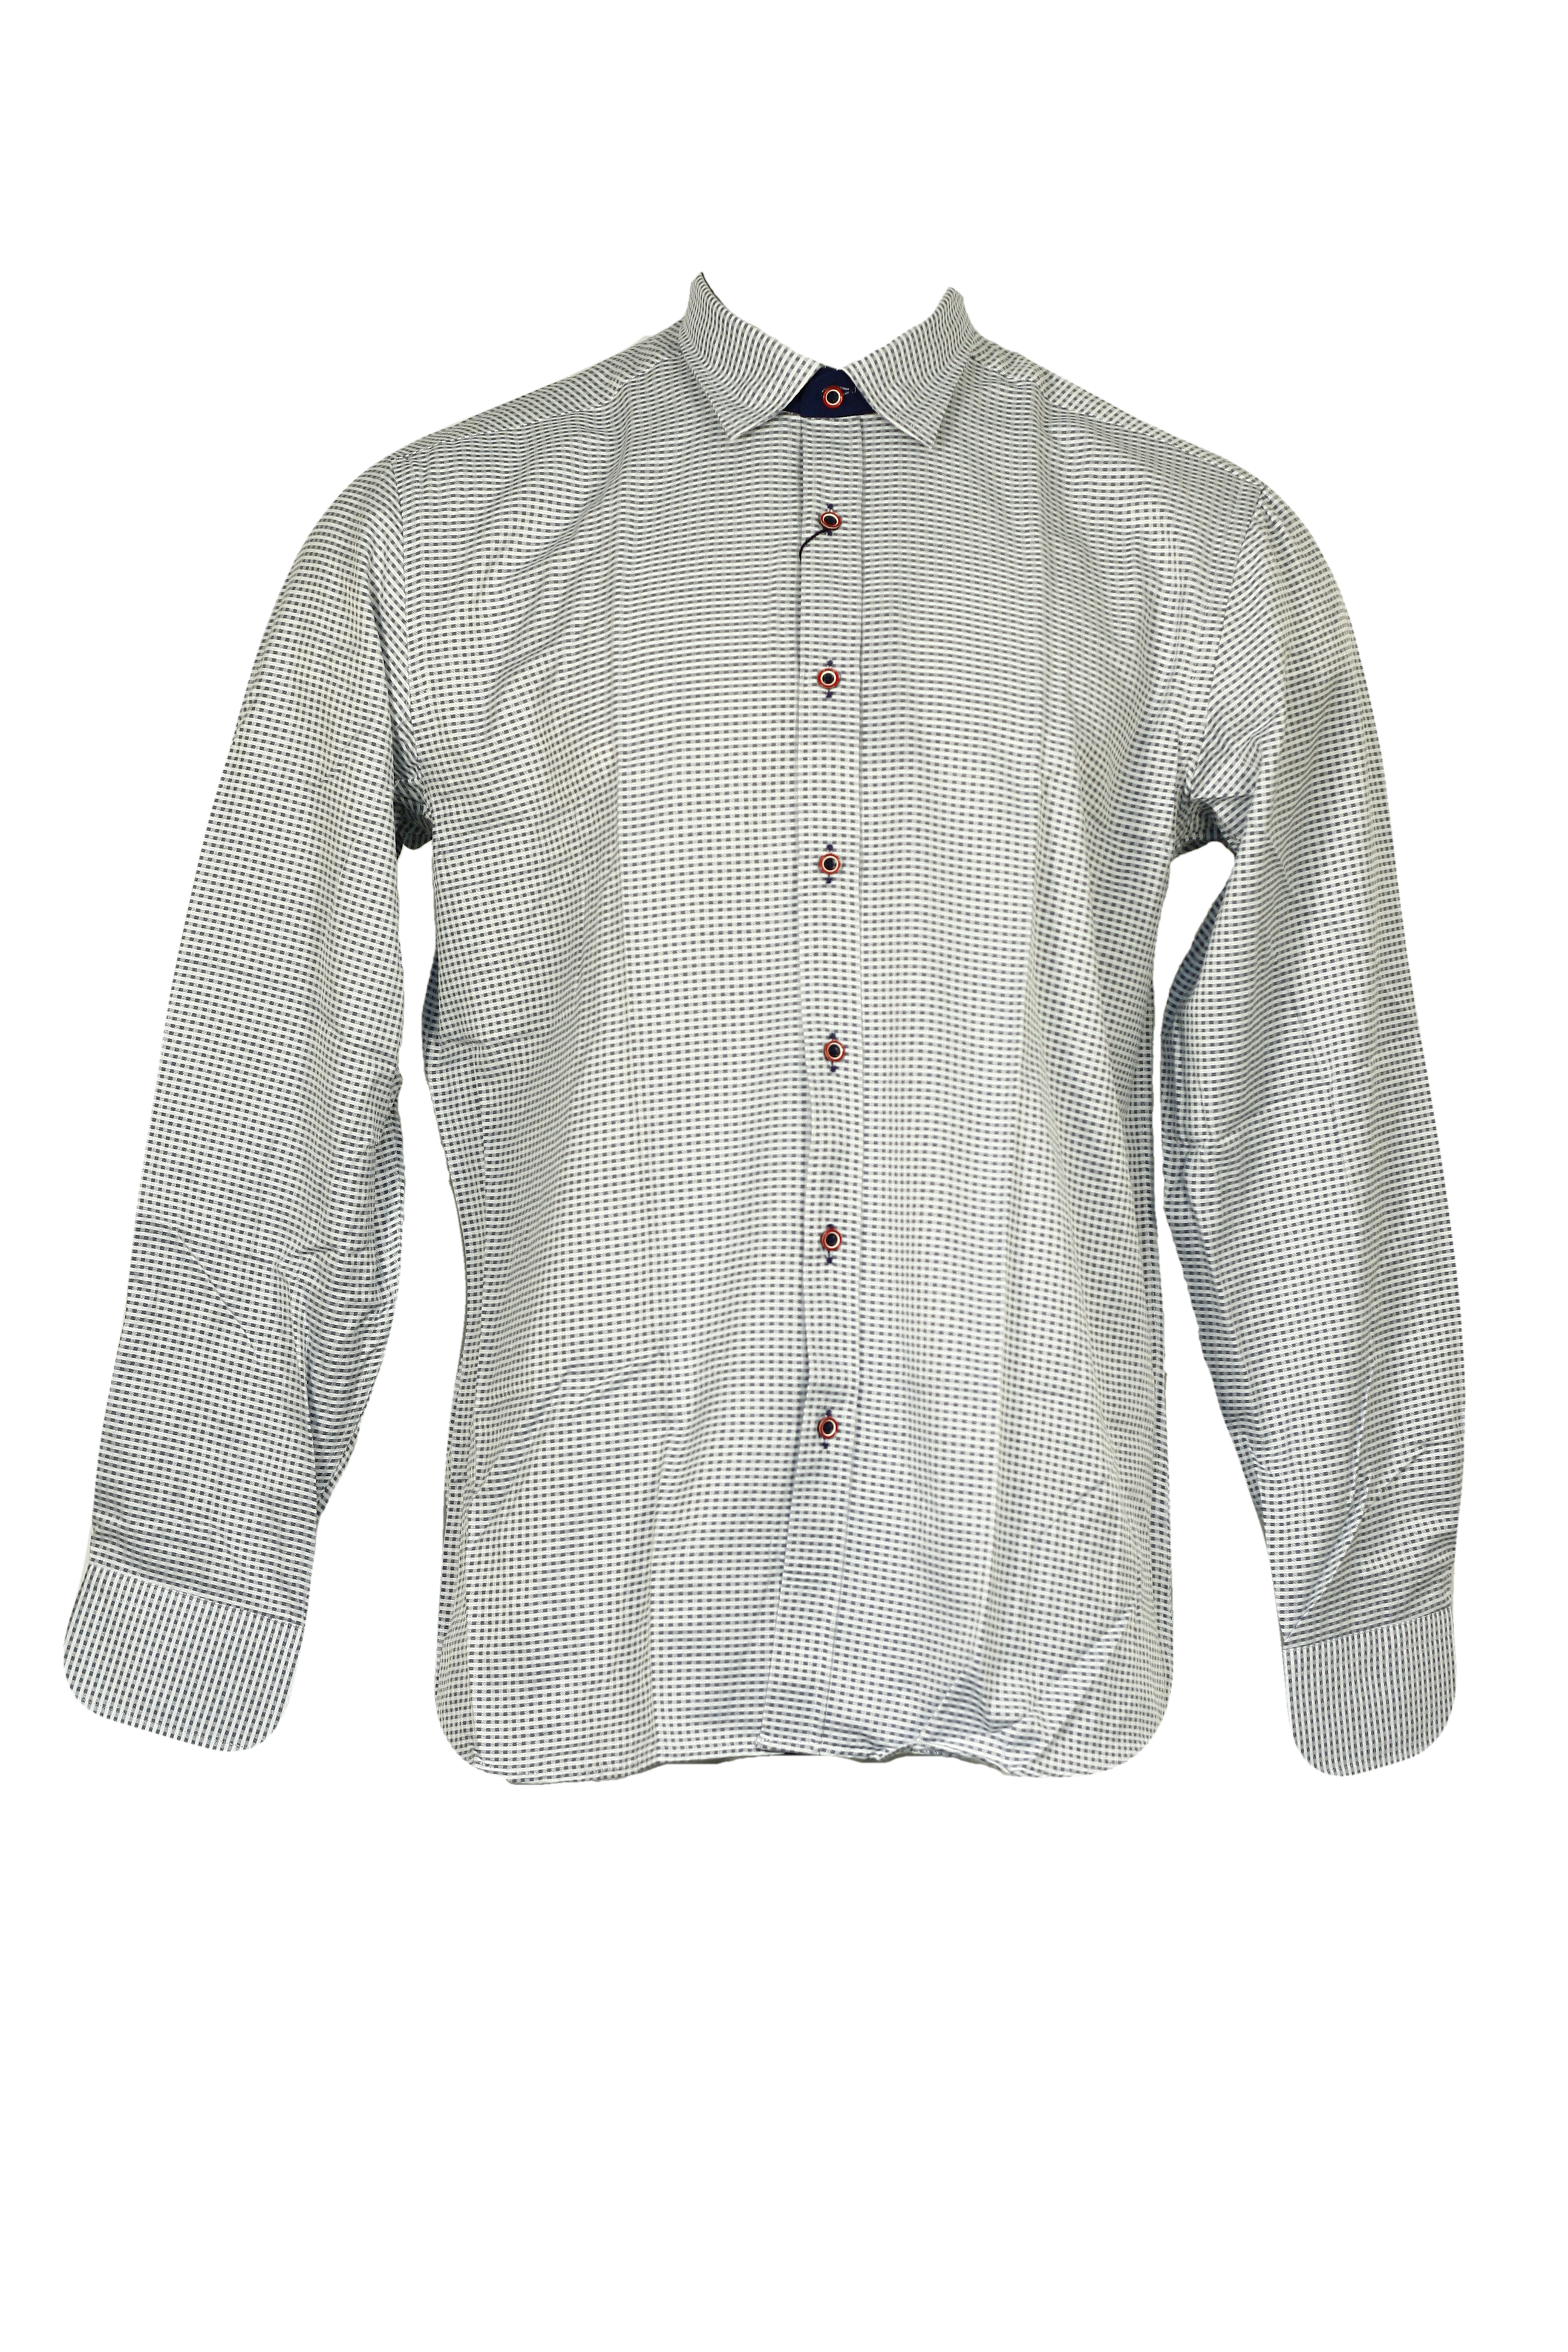 Pánská košile - Viadi Polo - Modro-bílá/XXL